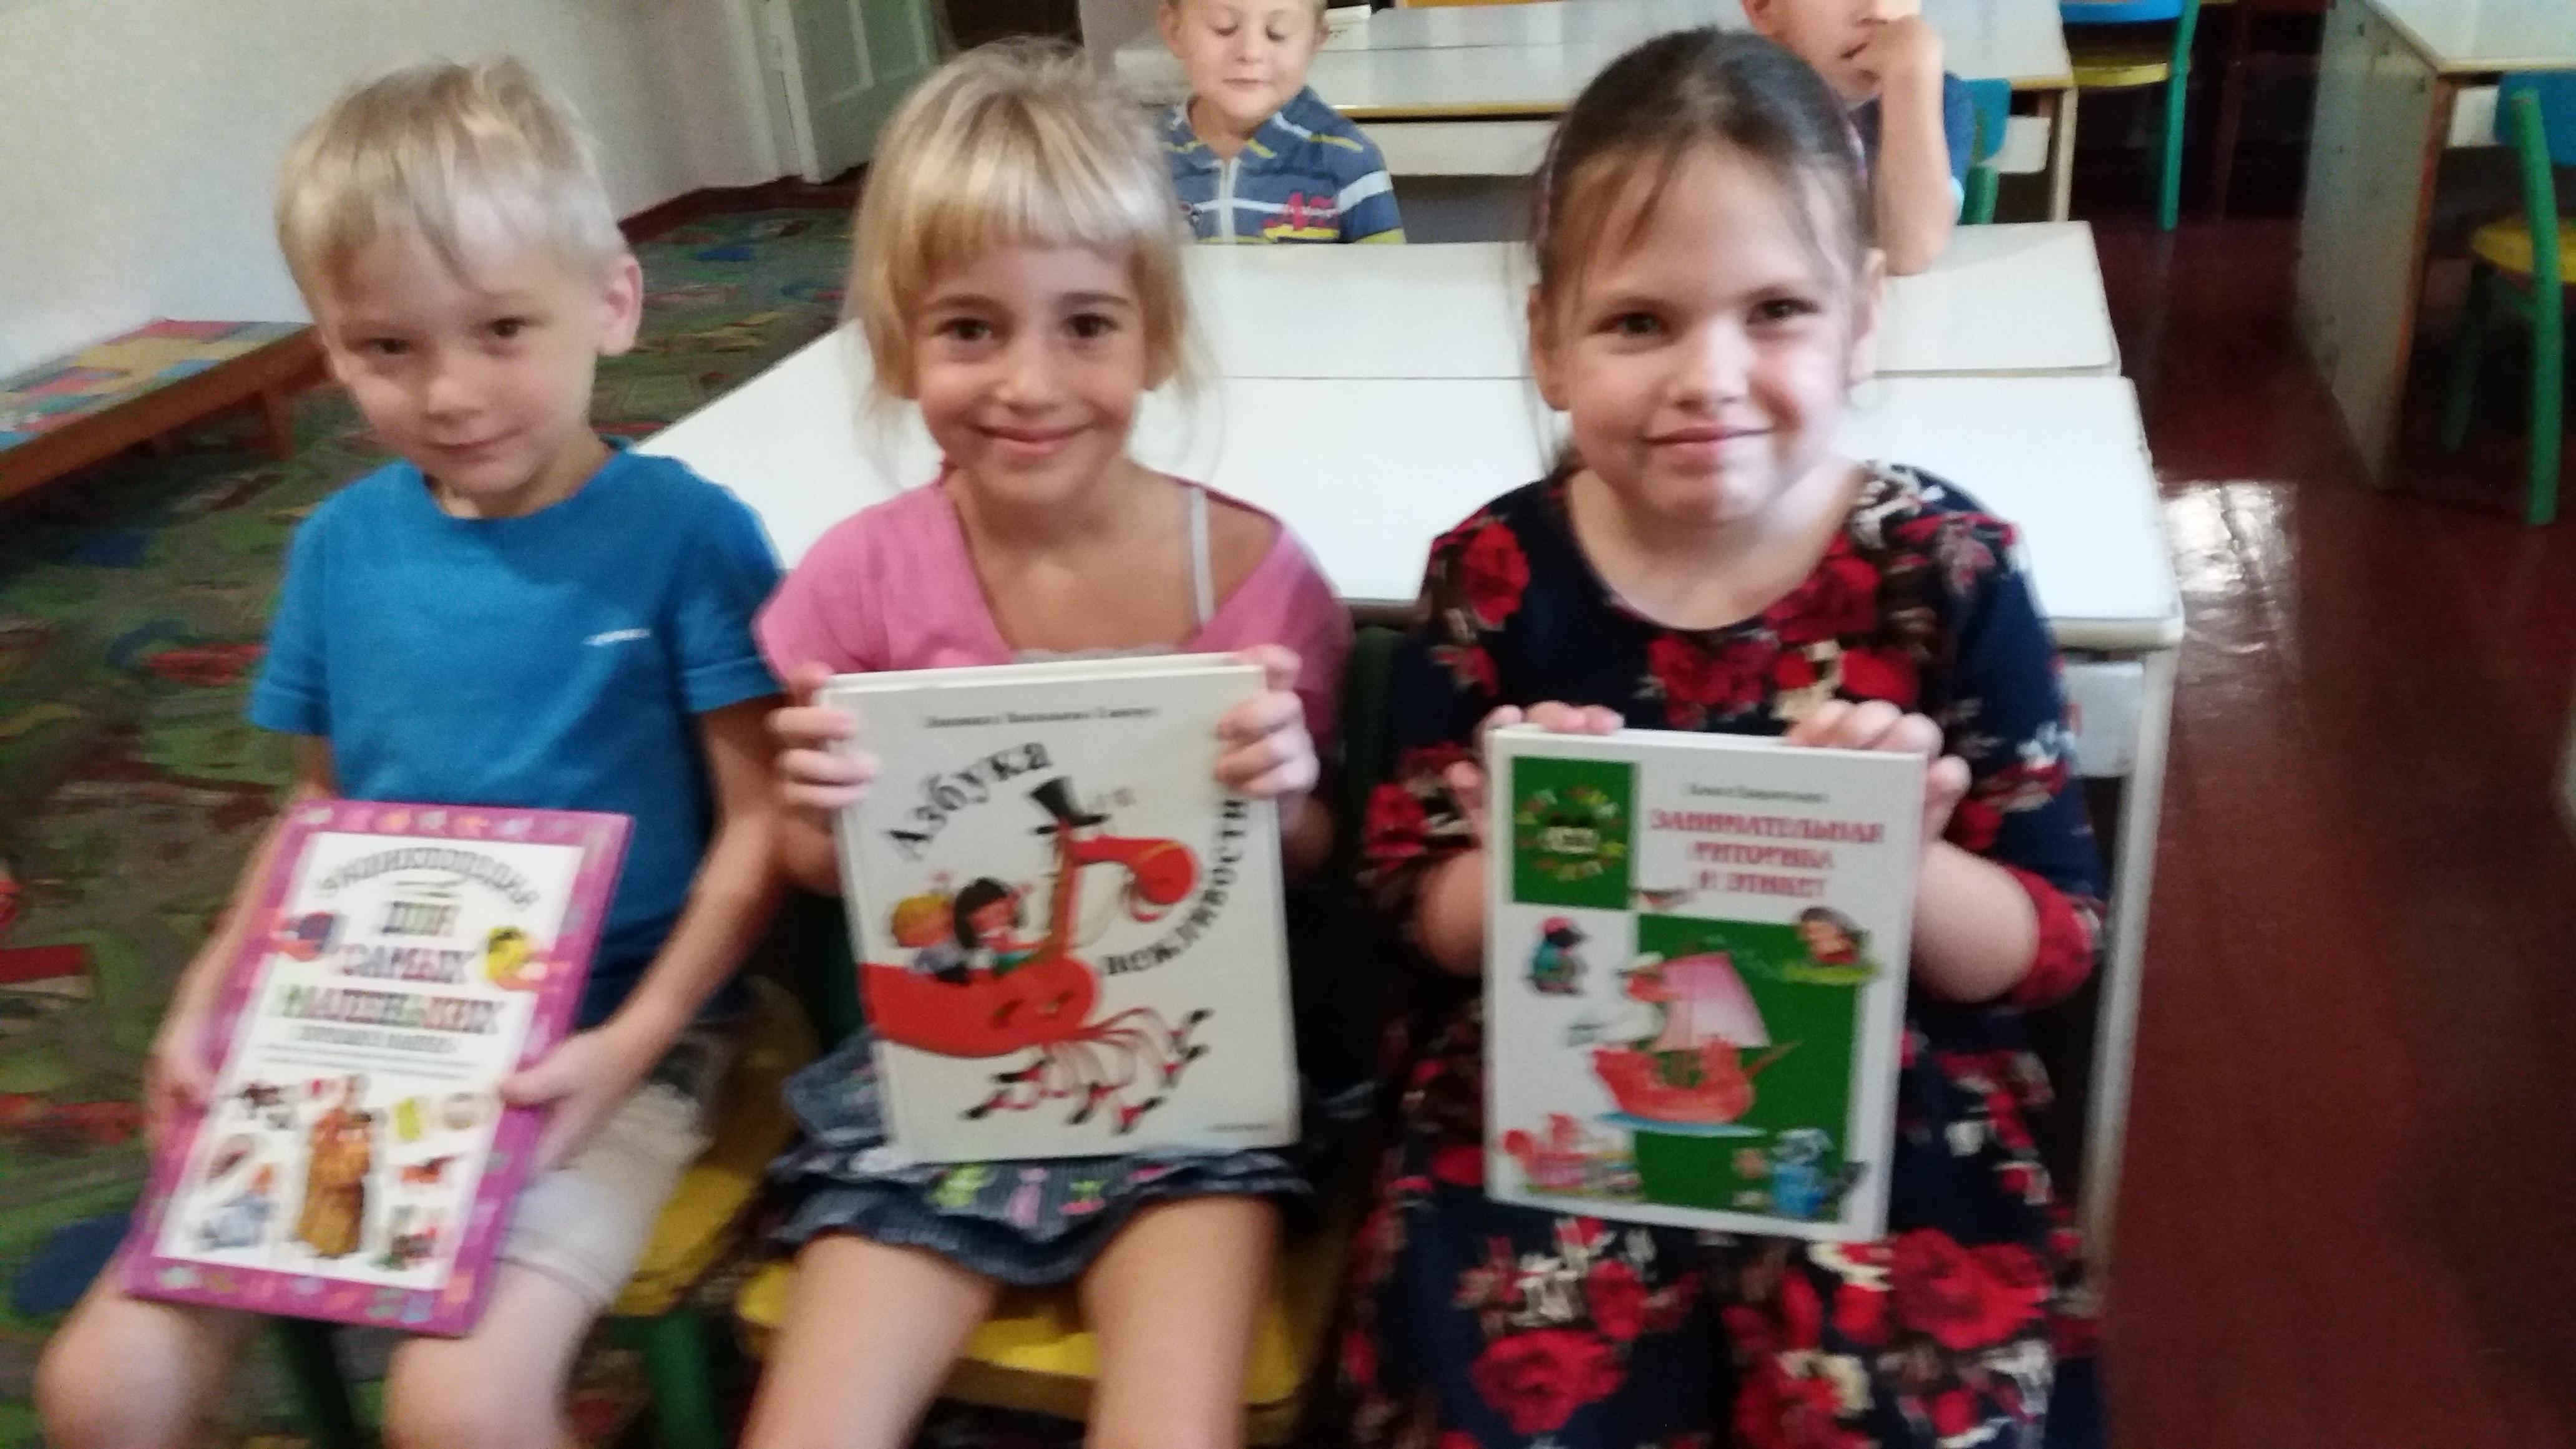 этикет, вежливость и доброта, занятия с детьми, донецкая республиканская библиотека для детей, отдел внестационарного обслуживания